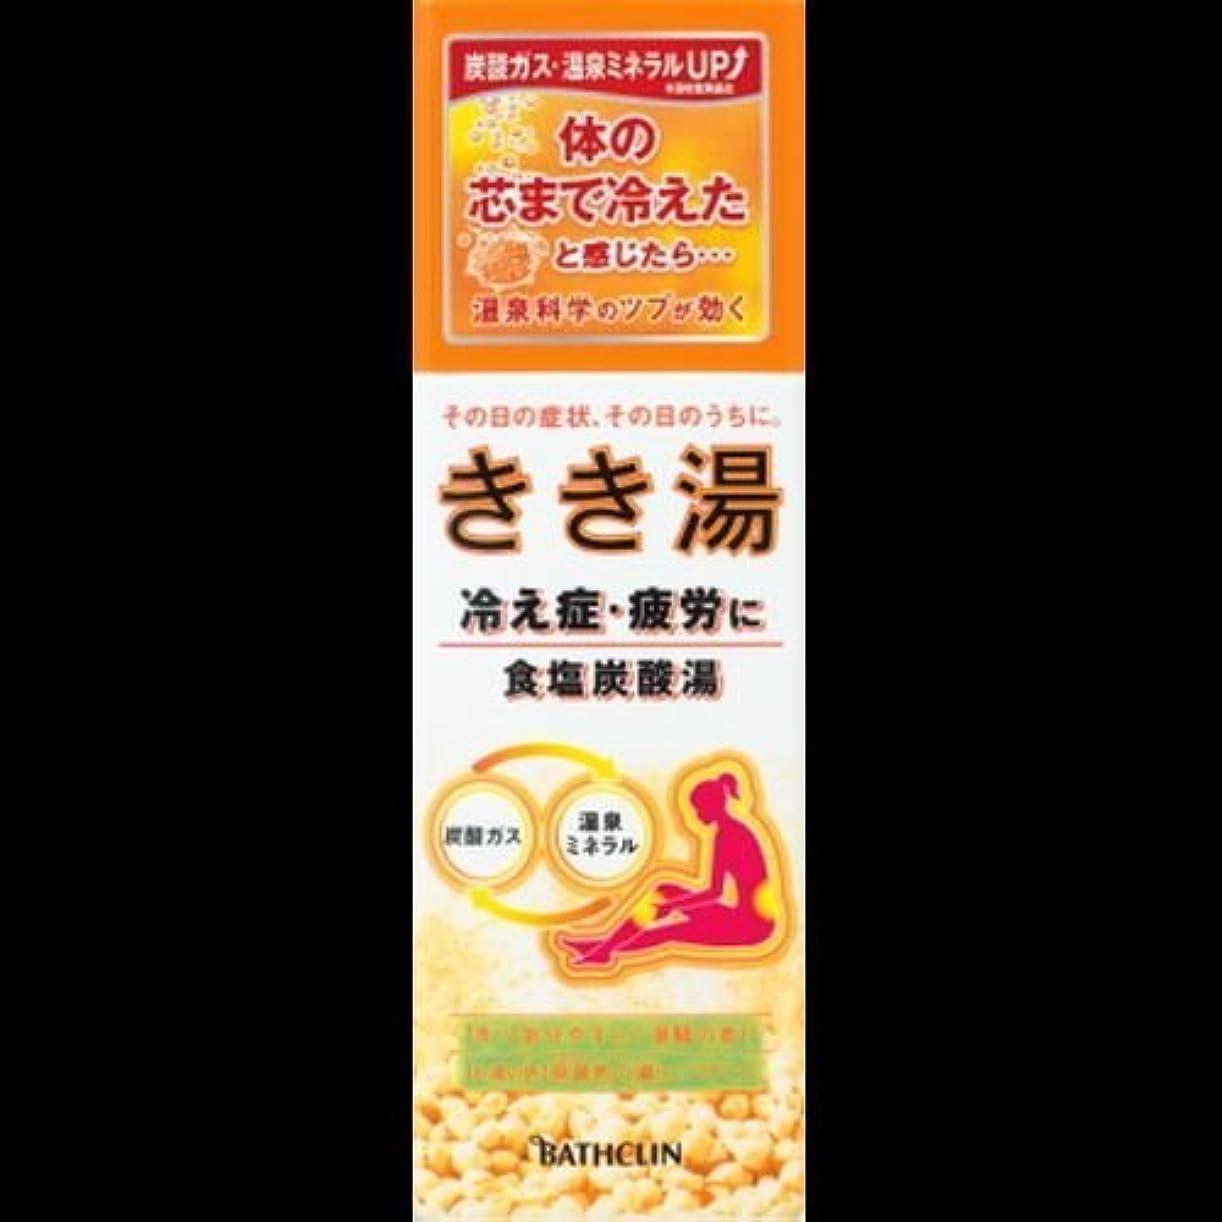 次へ明らかにするパイル【まとめ買い】きき湯 食塩炭酸湯 気分やすらぐ潮騒の香り萌黄色の湯(にごりタイプ) 360g ×2セット